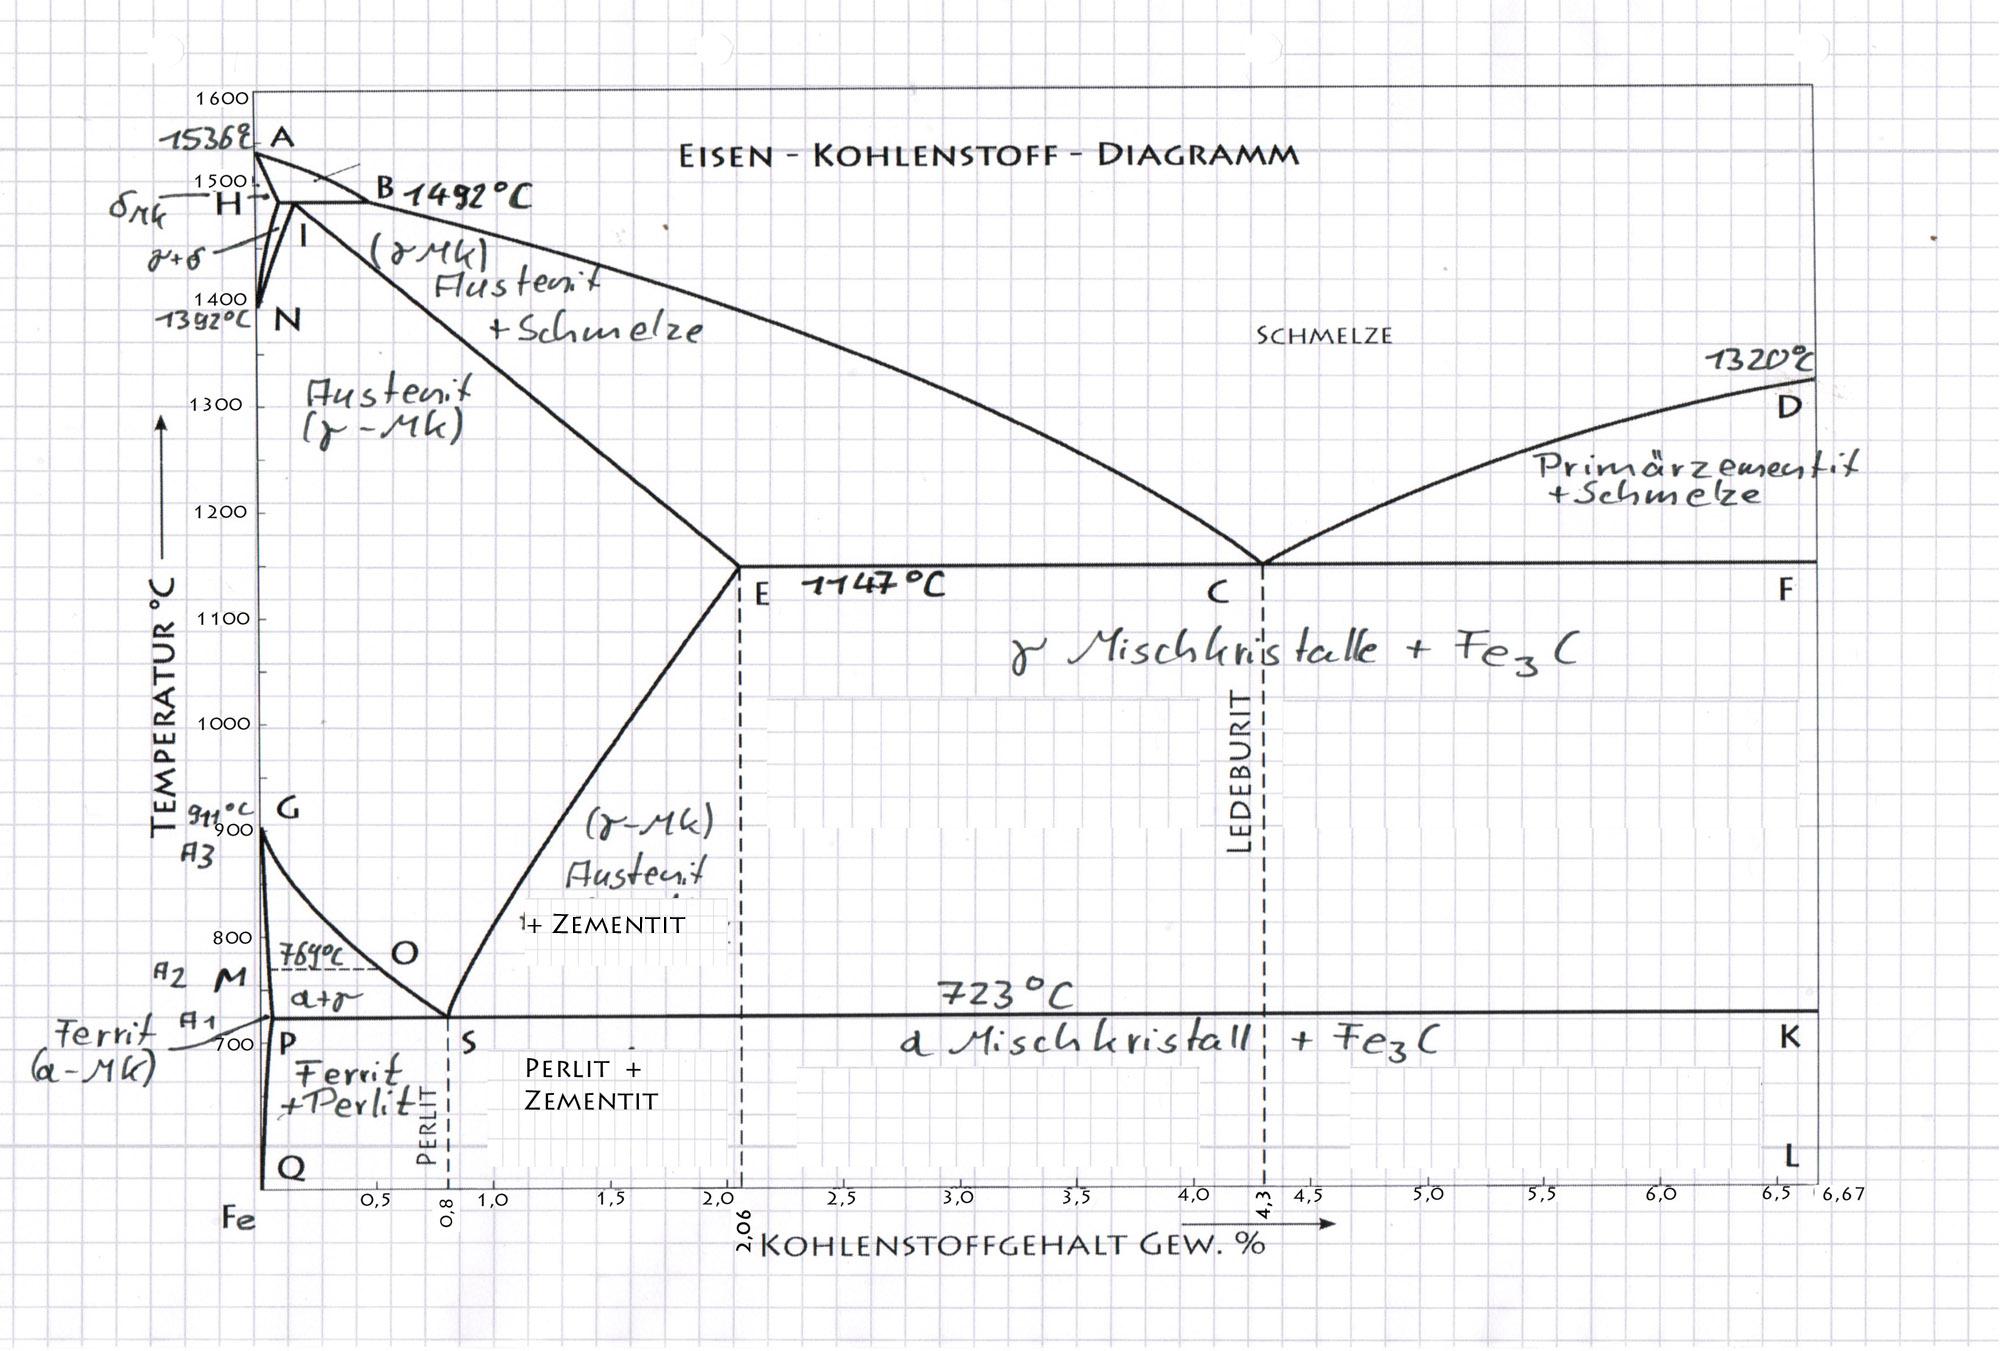 Eisen Kohlenstoff Diagramm Lindenschmiede